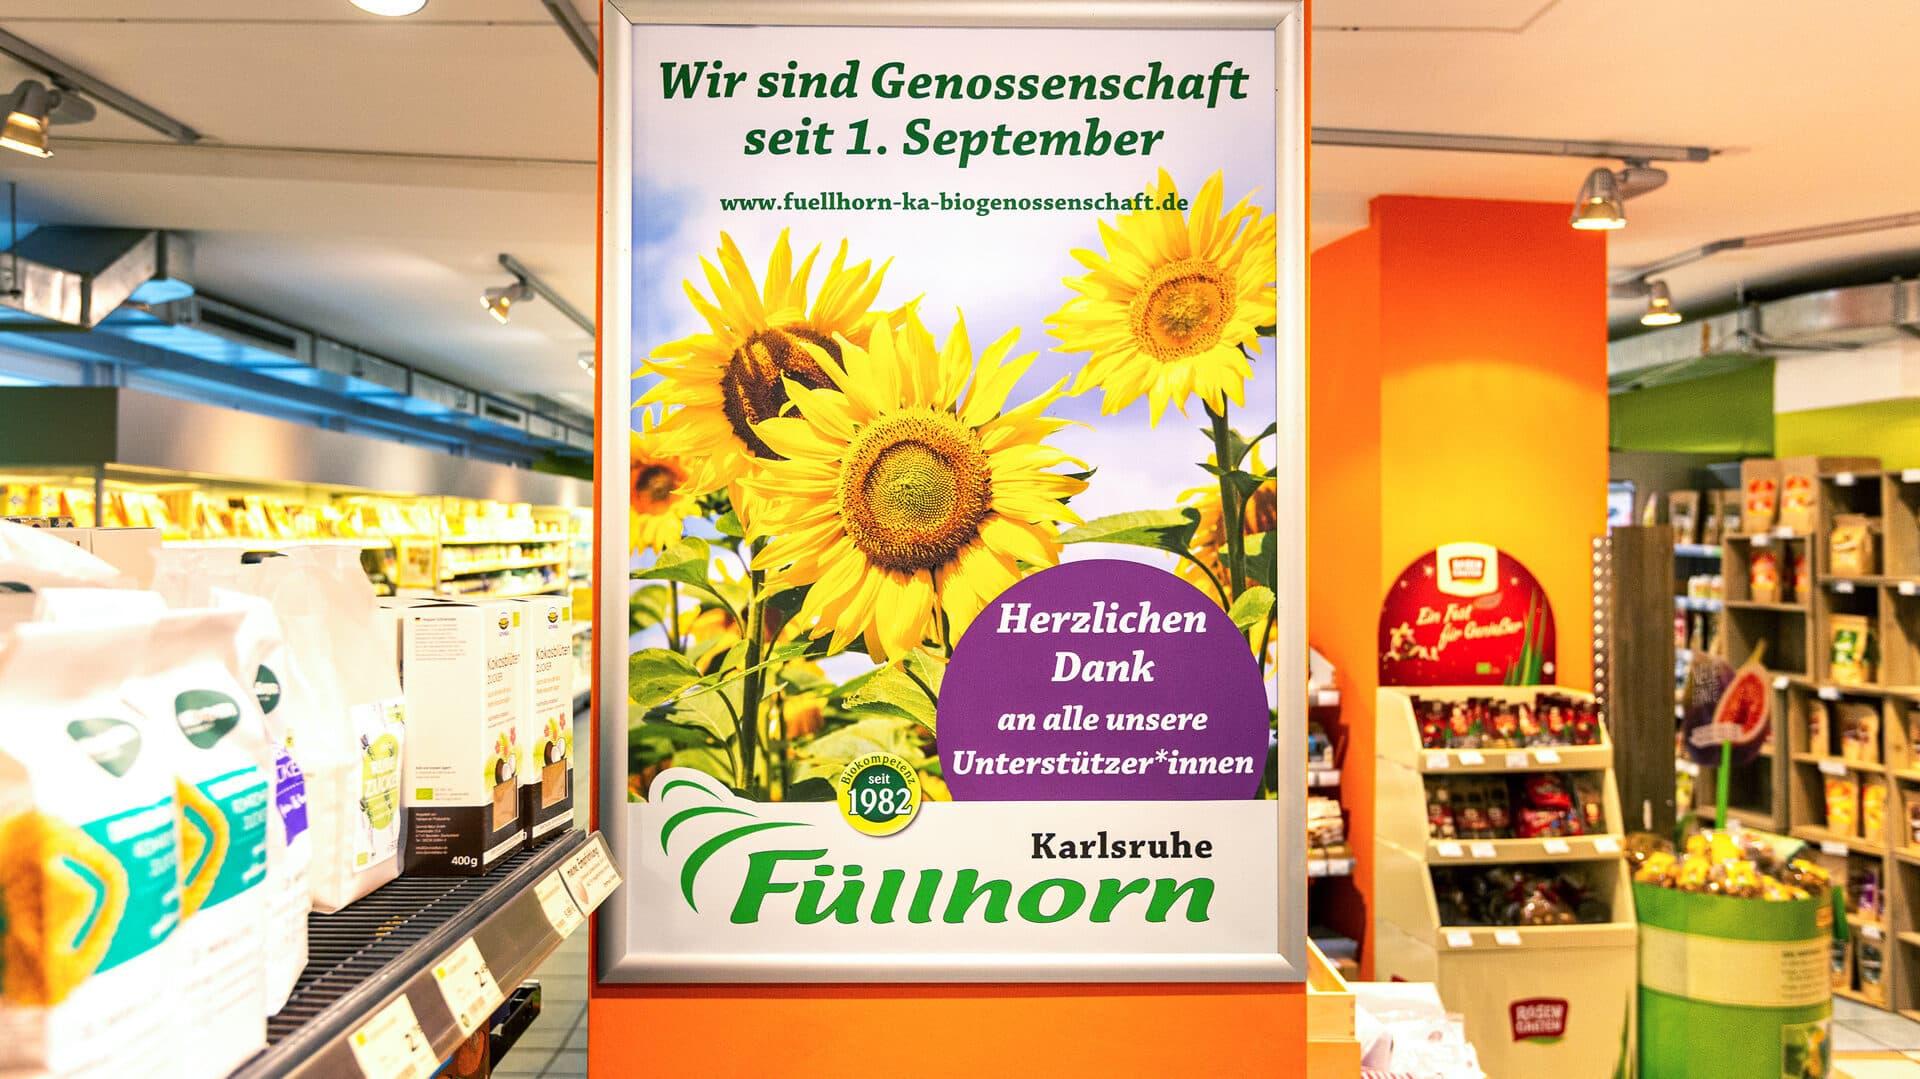 Ein Plaket zur Genossenschaftsgründung im Karlsruher Füllhorn.